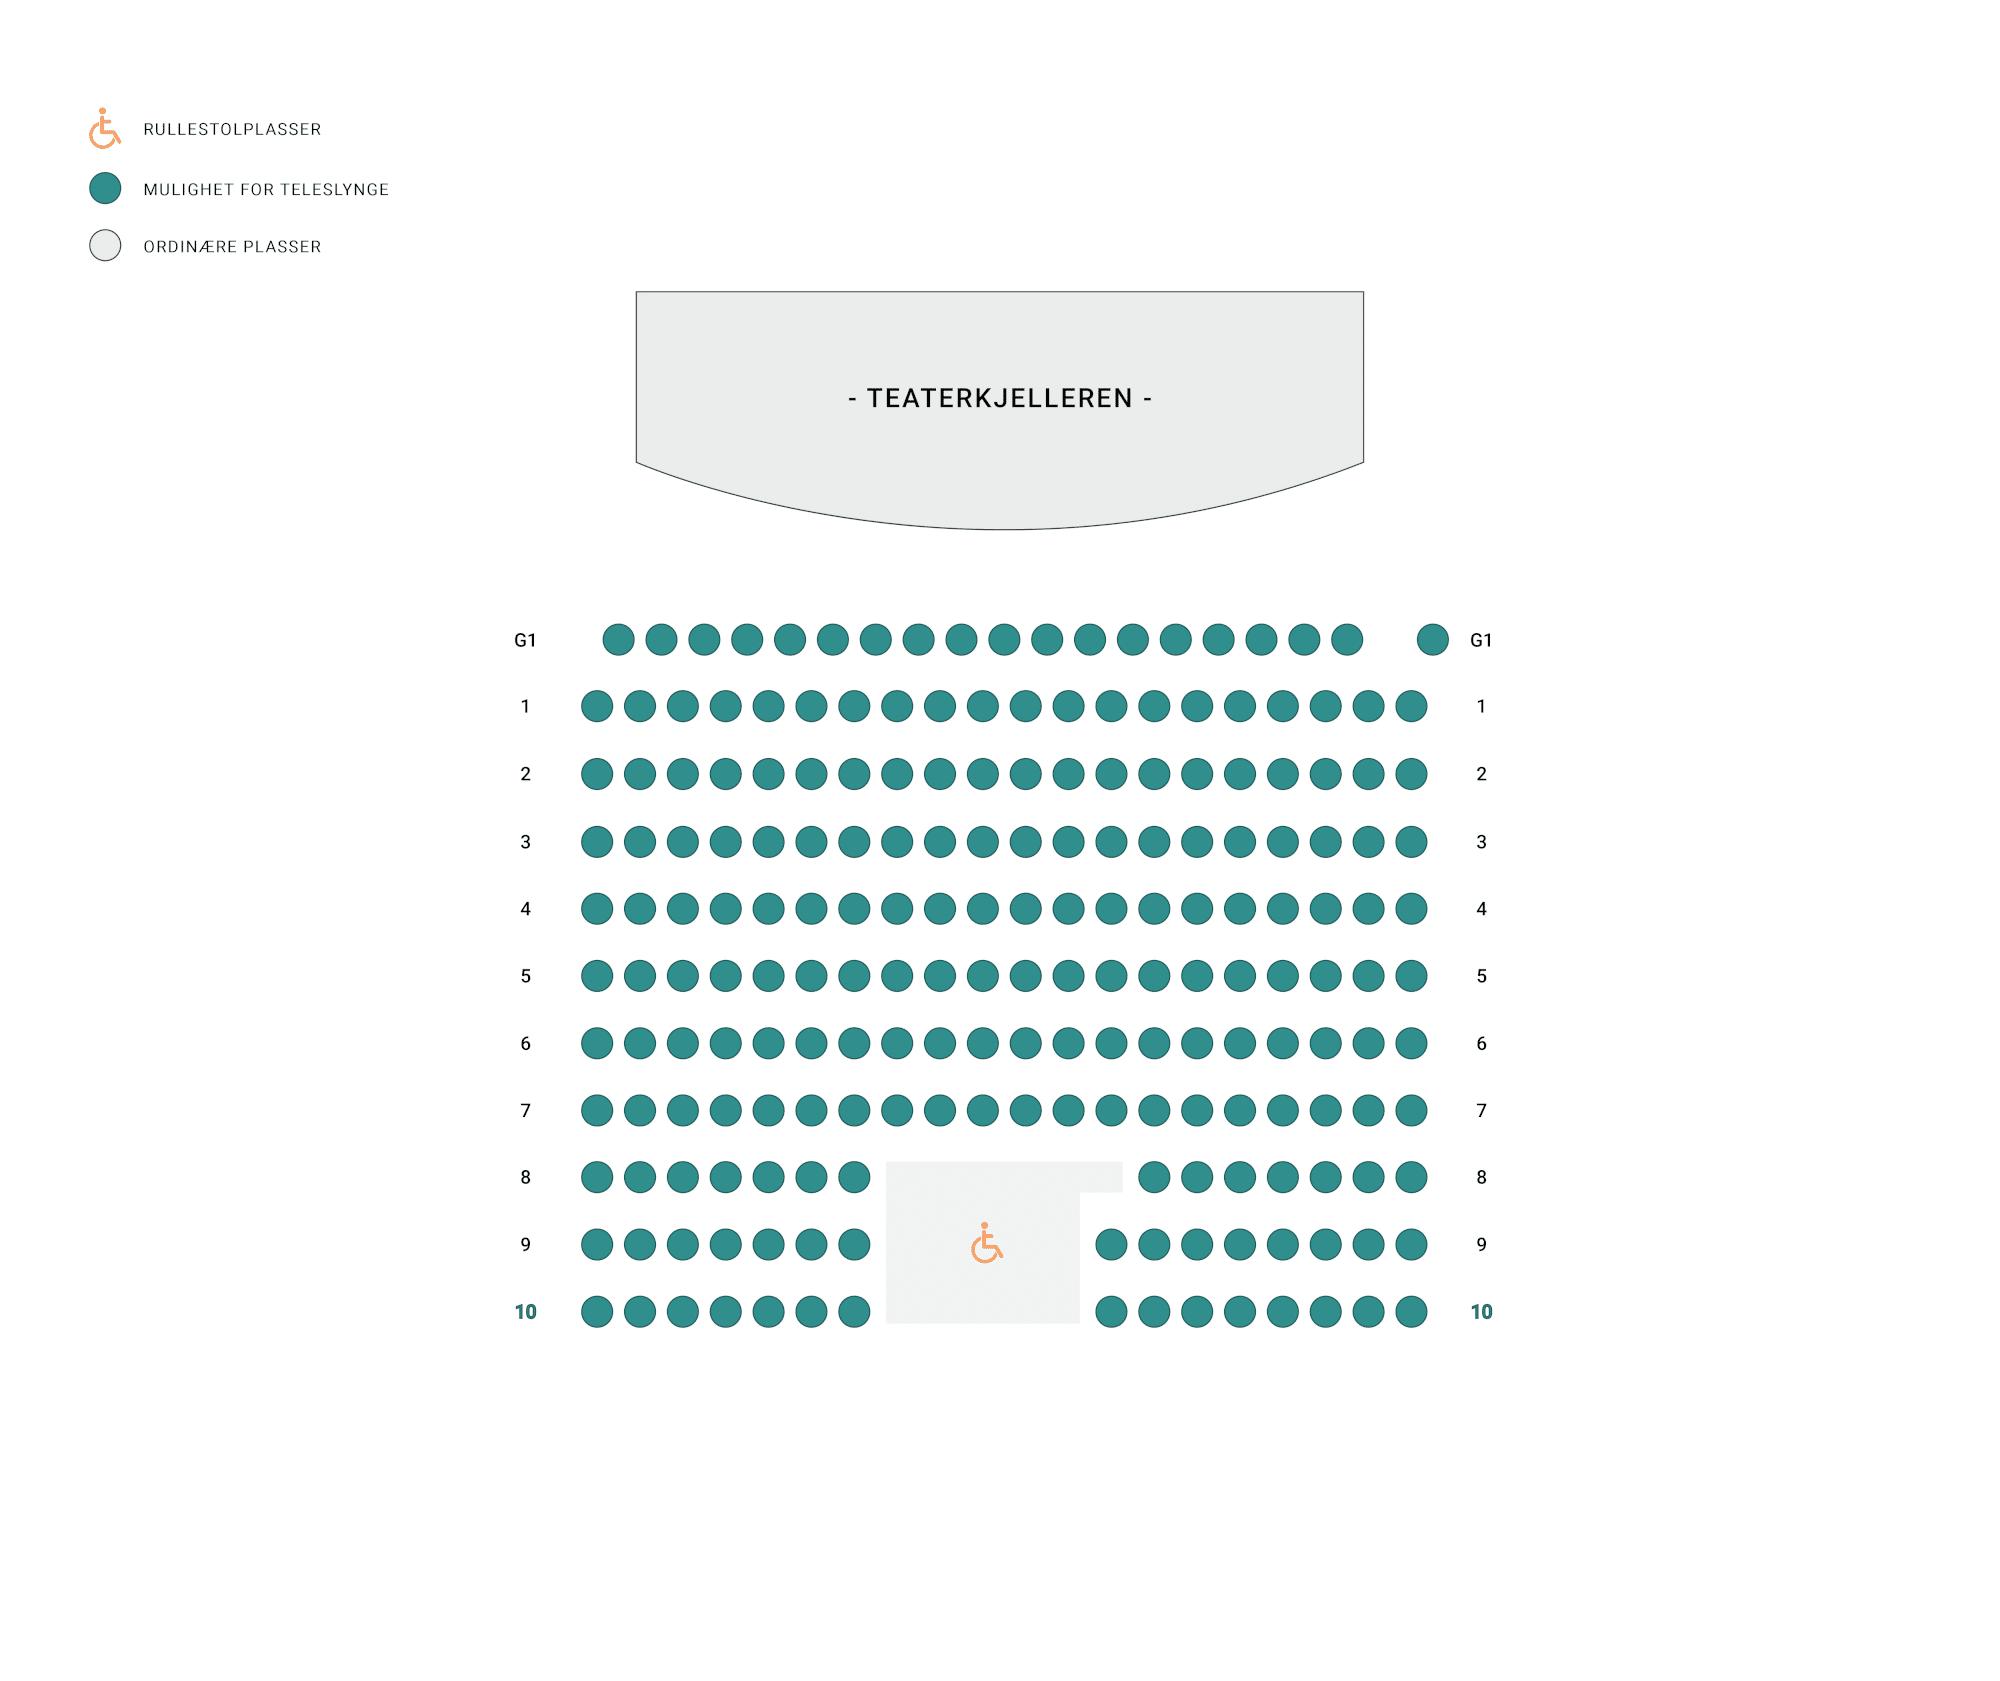 Salkart for Teaterkjelleren